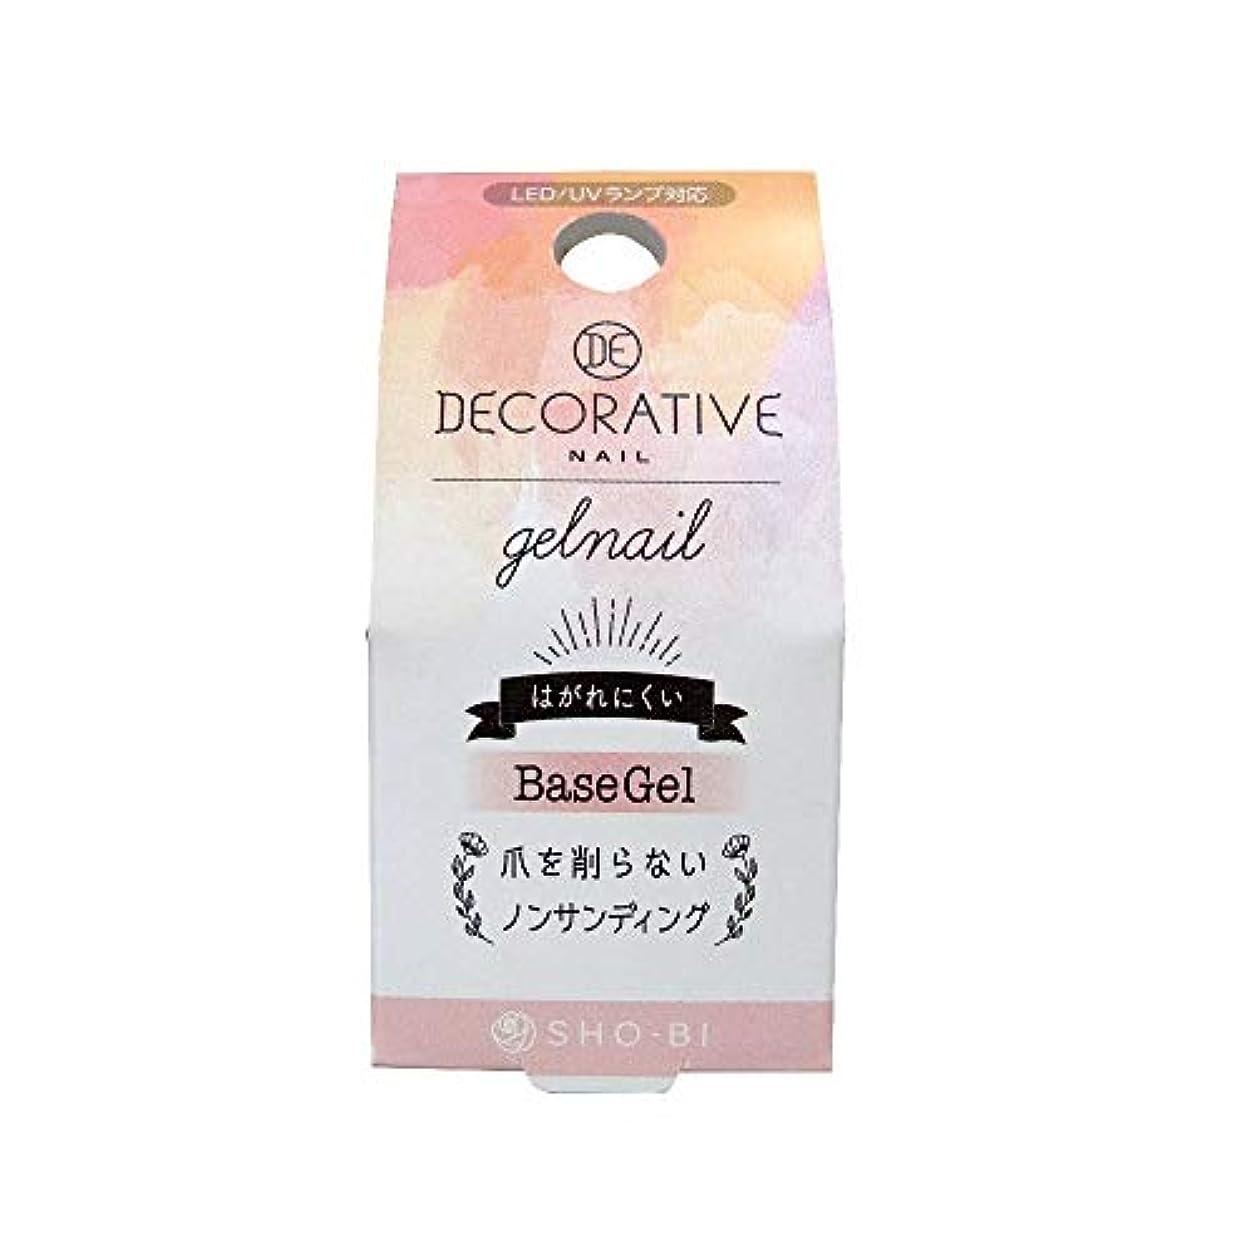 耳外部お酢SHO-BI(ショービ) DECORATIVE NAIL デコラティブネイル ジェルネイル ベースジェル TN81172